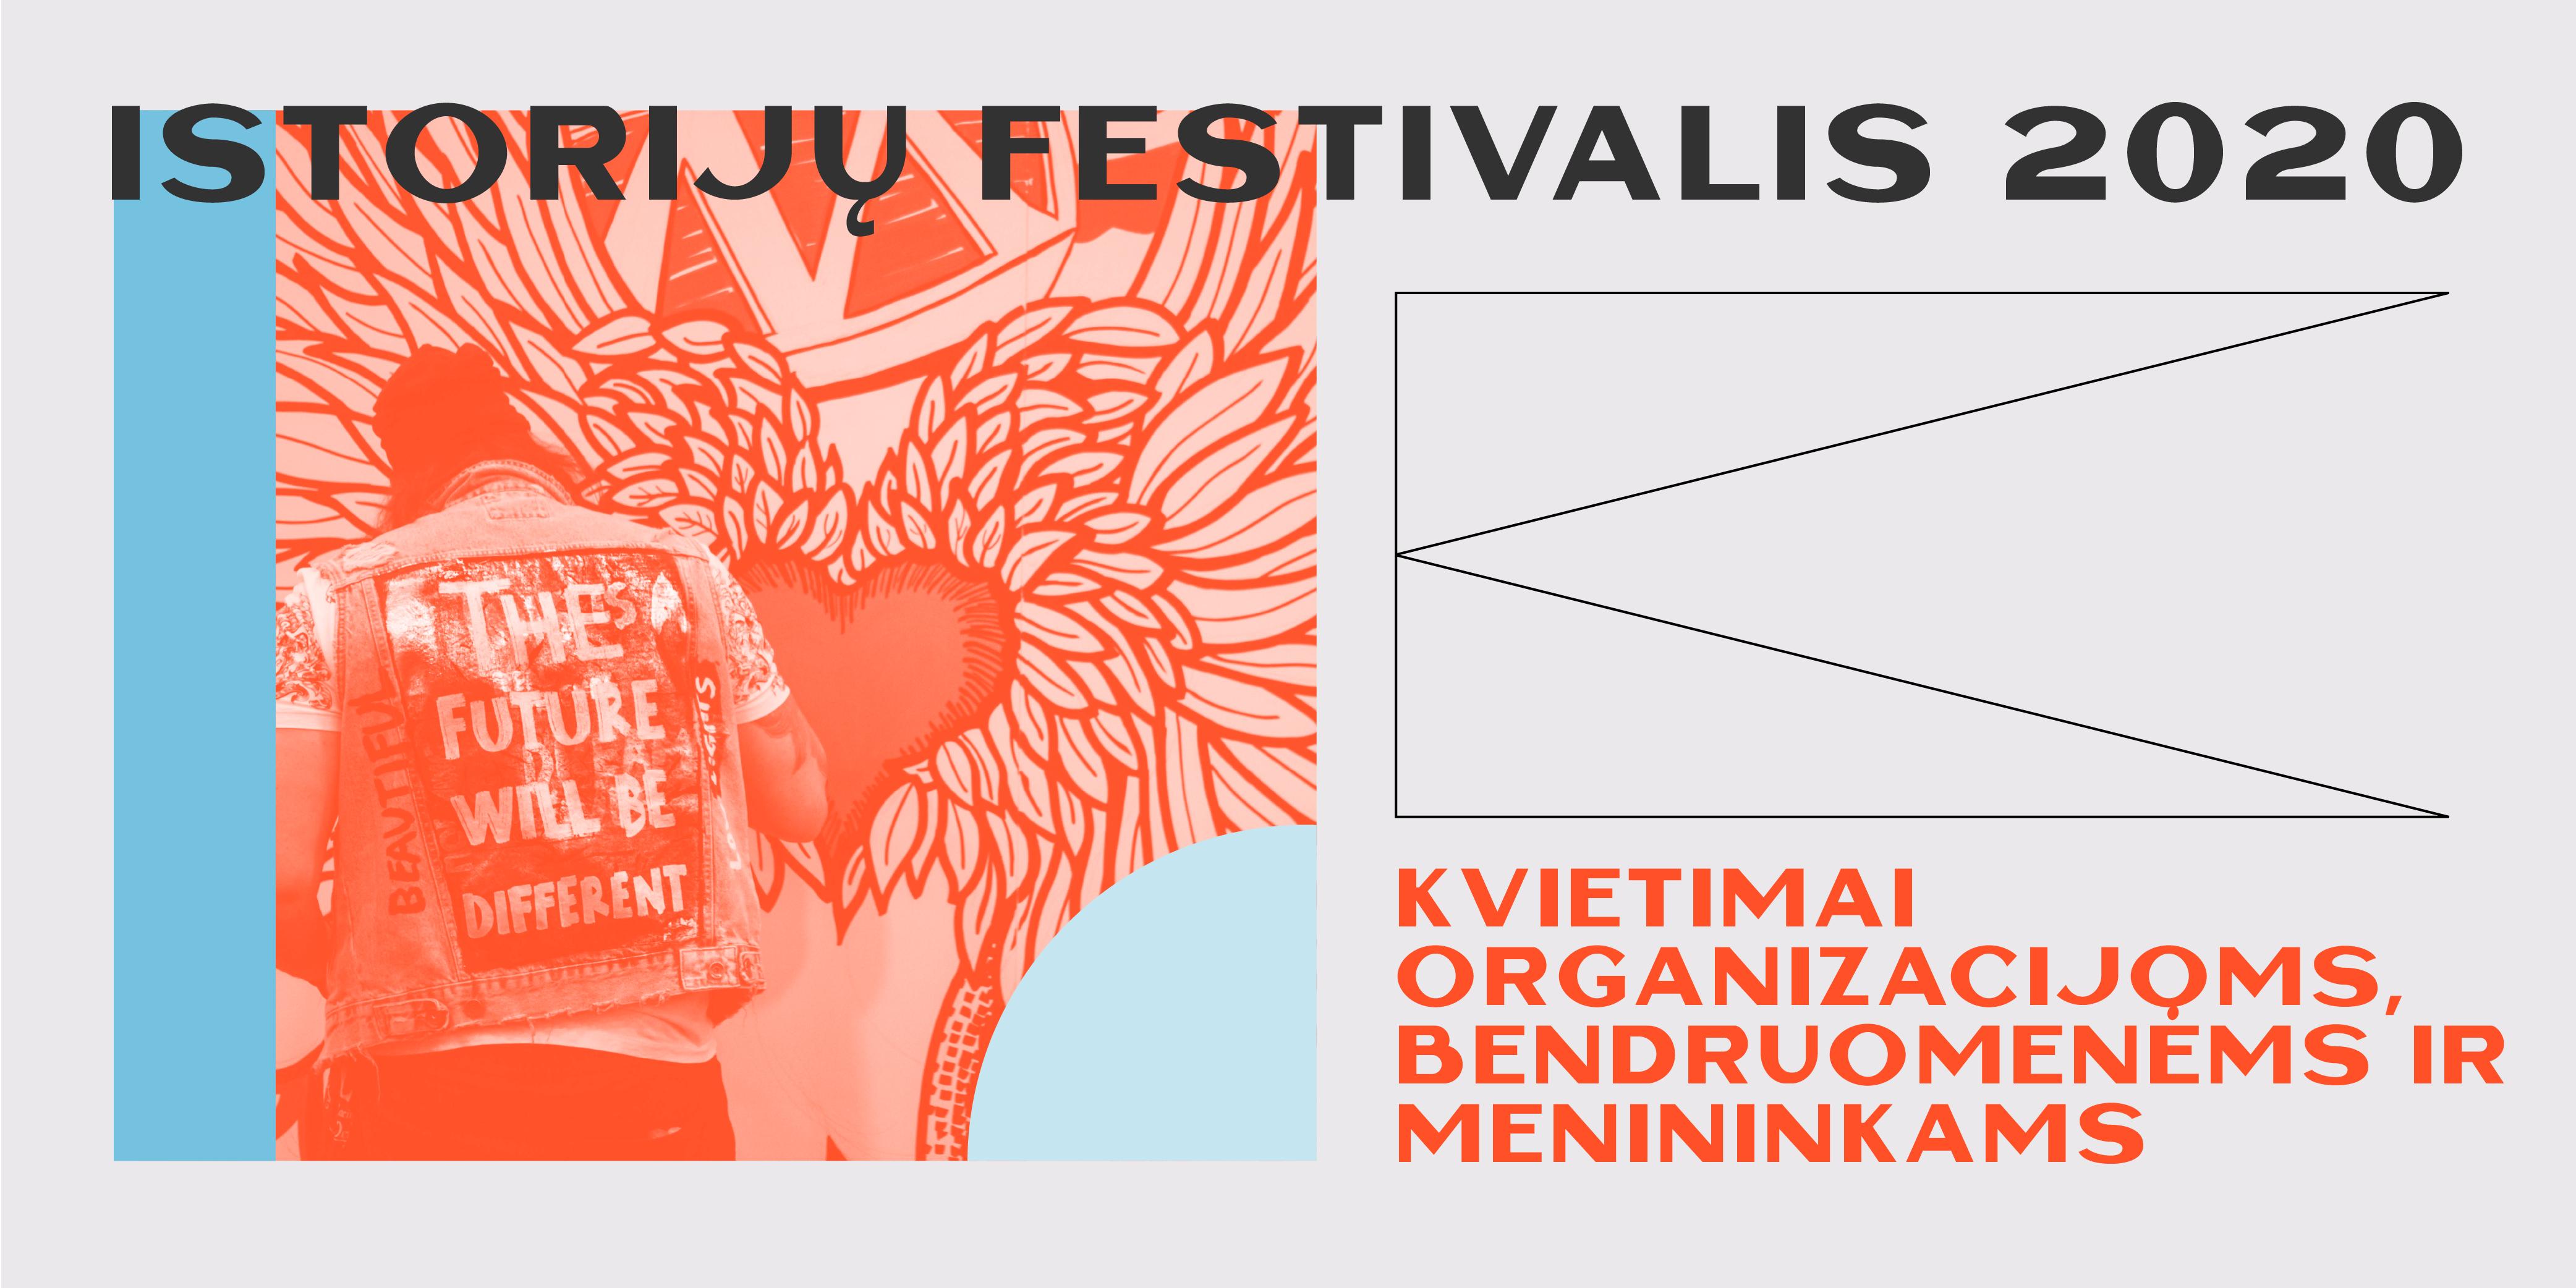 istorju_festivalis_2020-03